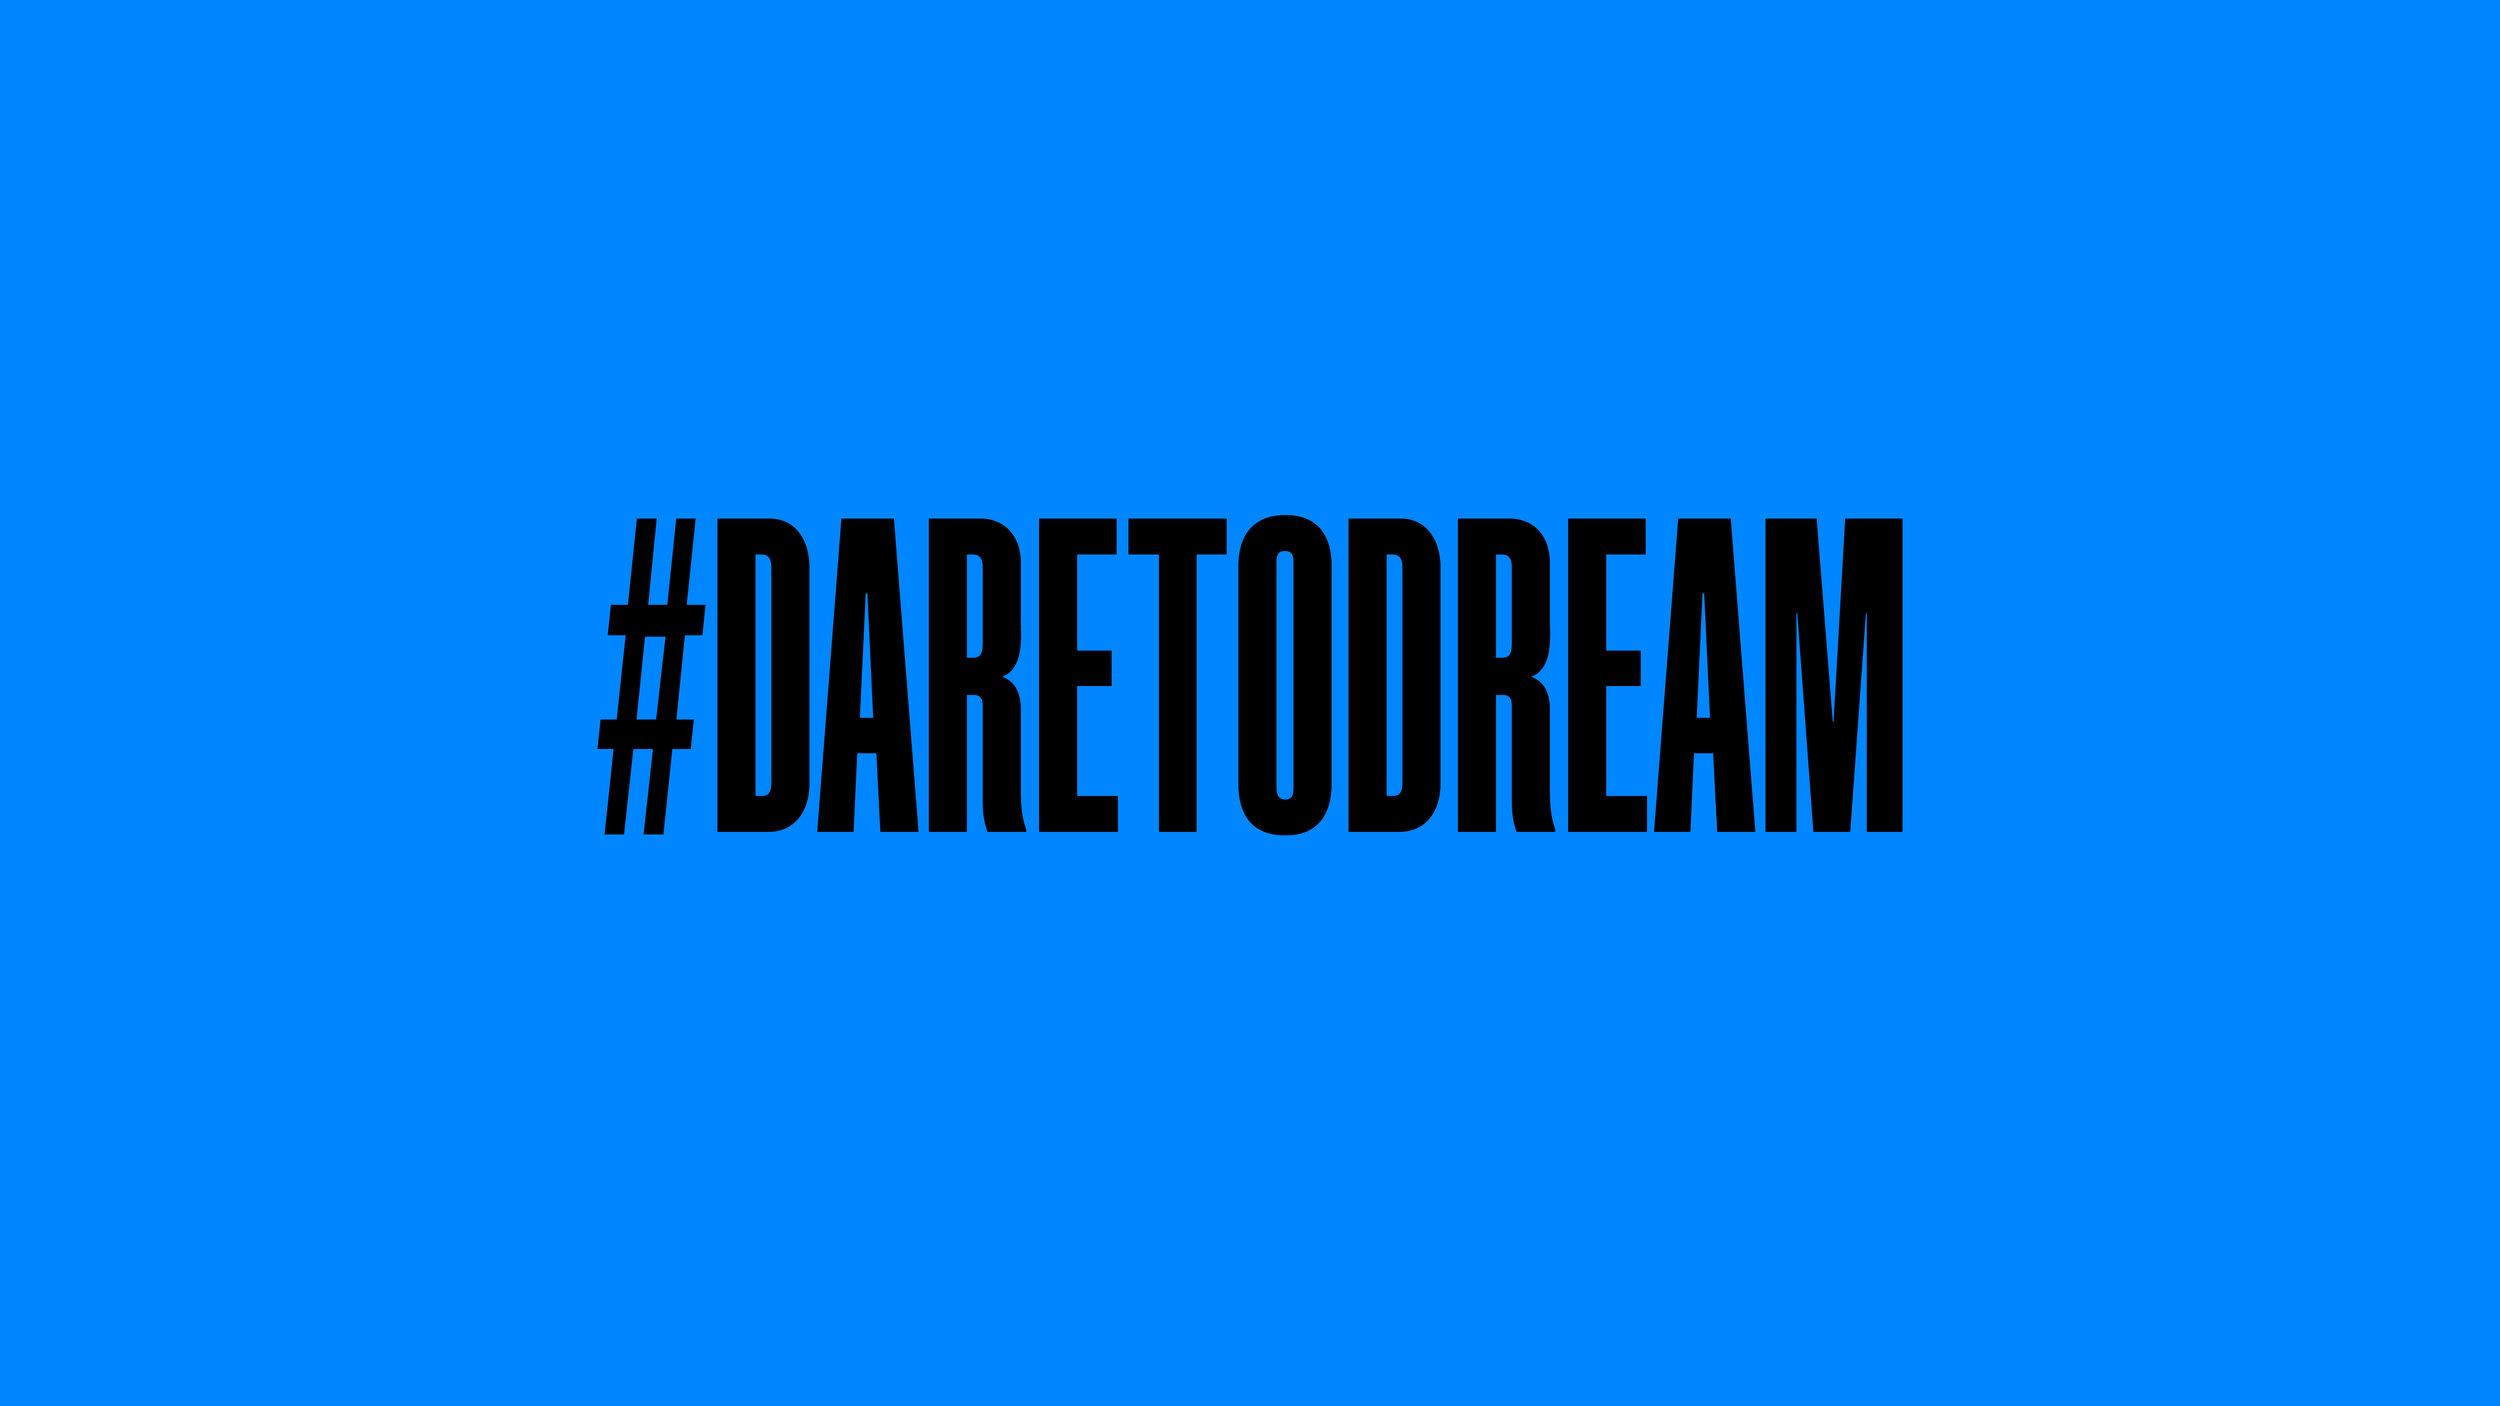 Dare to Dream@3x-100.jpg